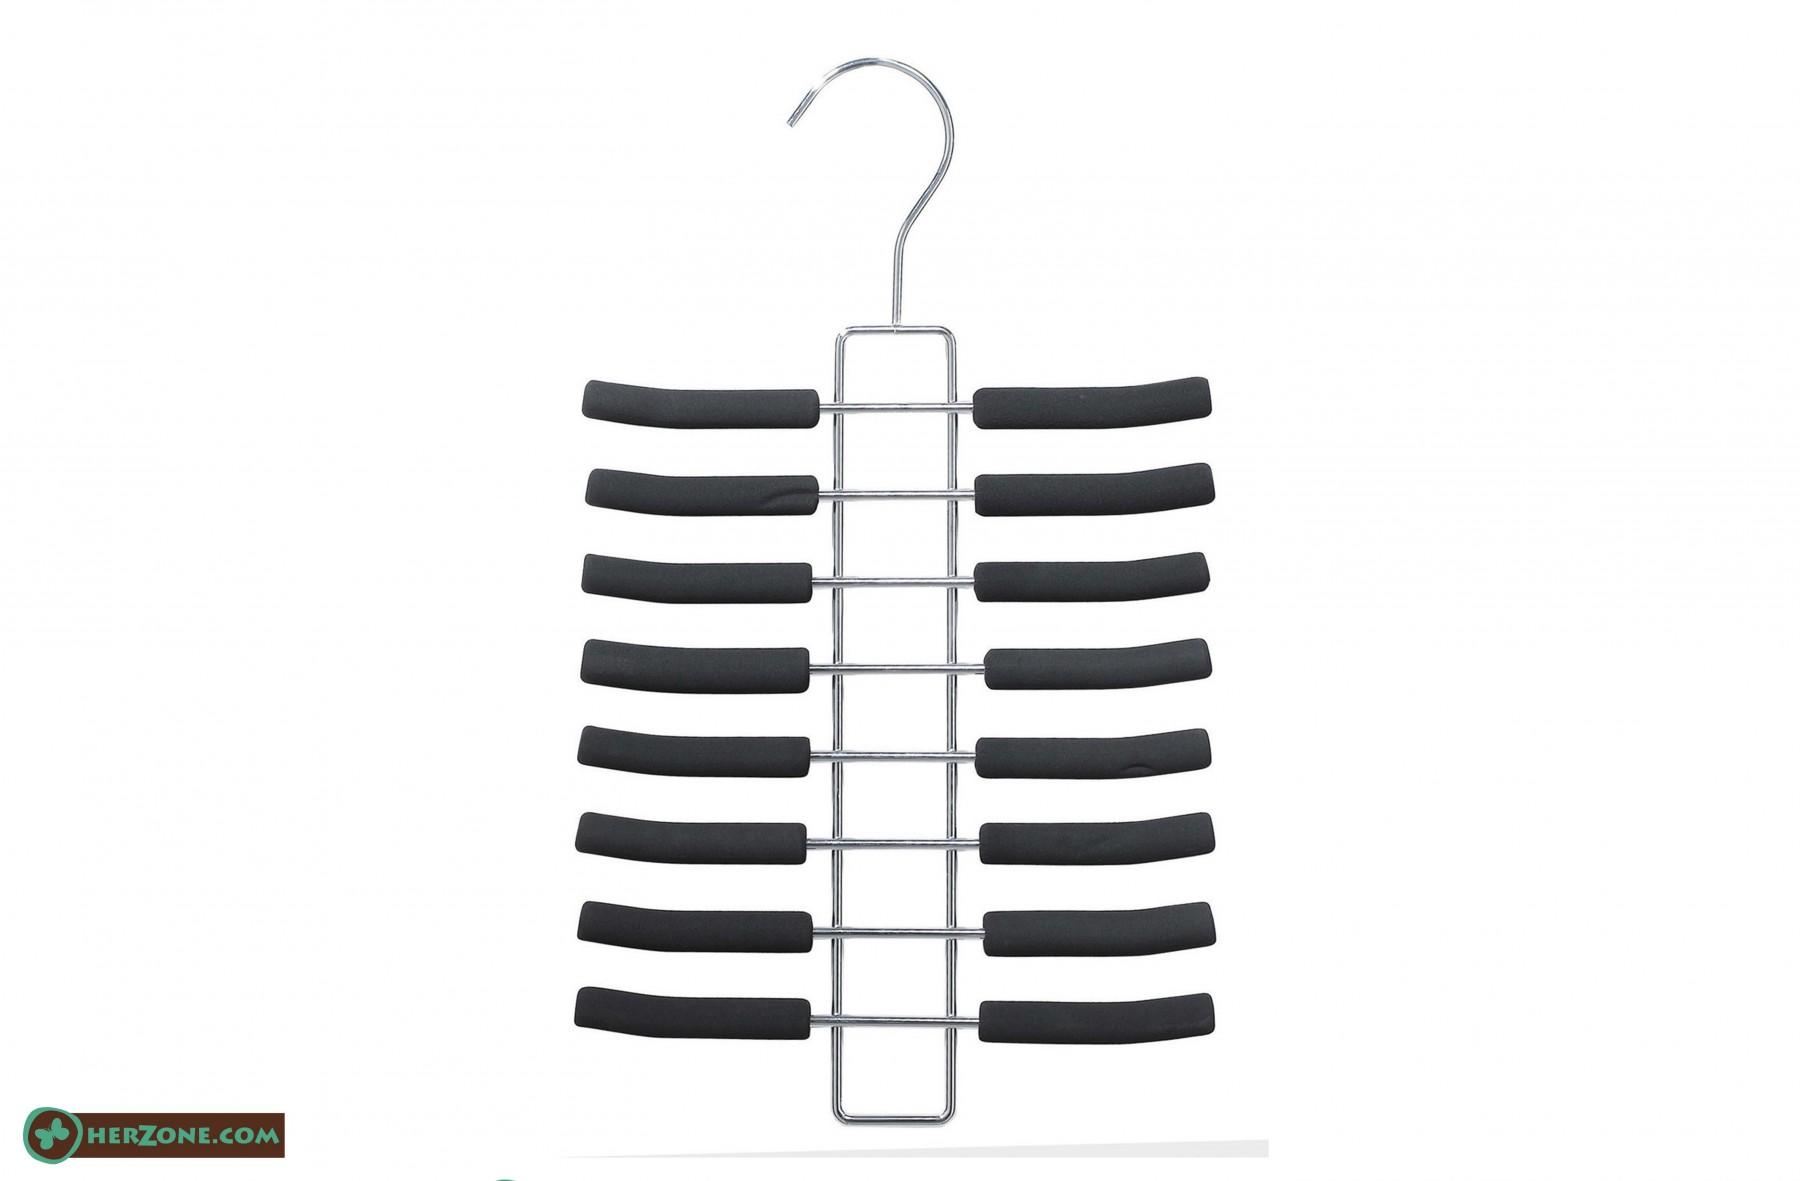 206.Metal Tie Hanger